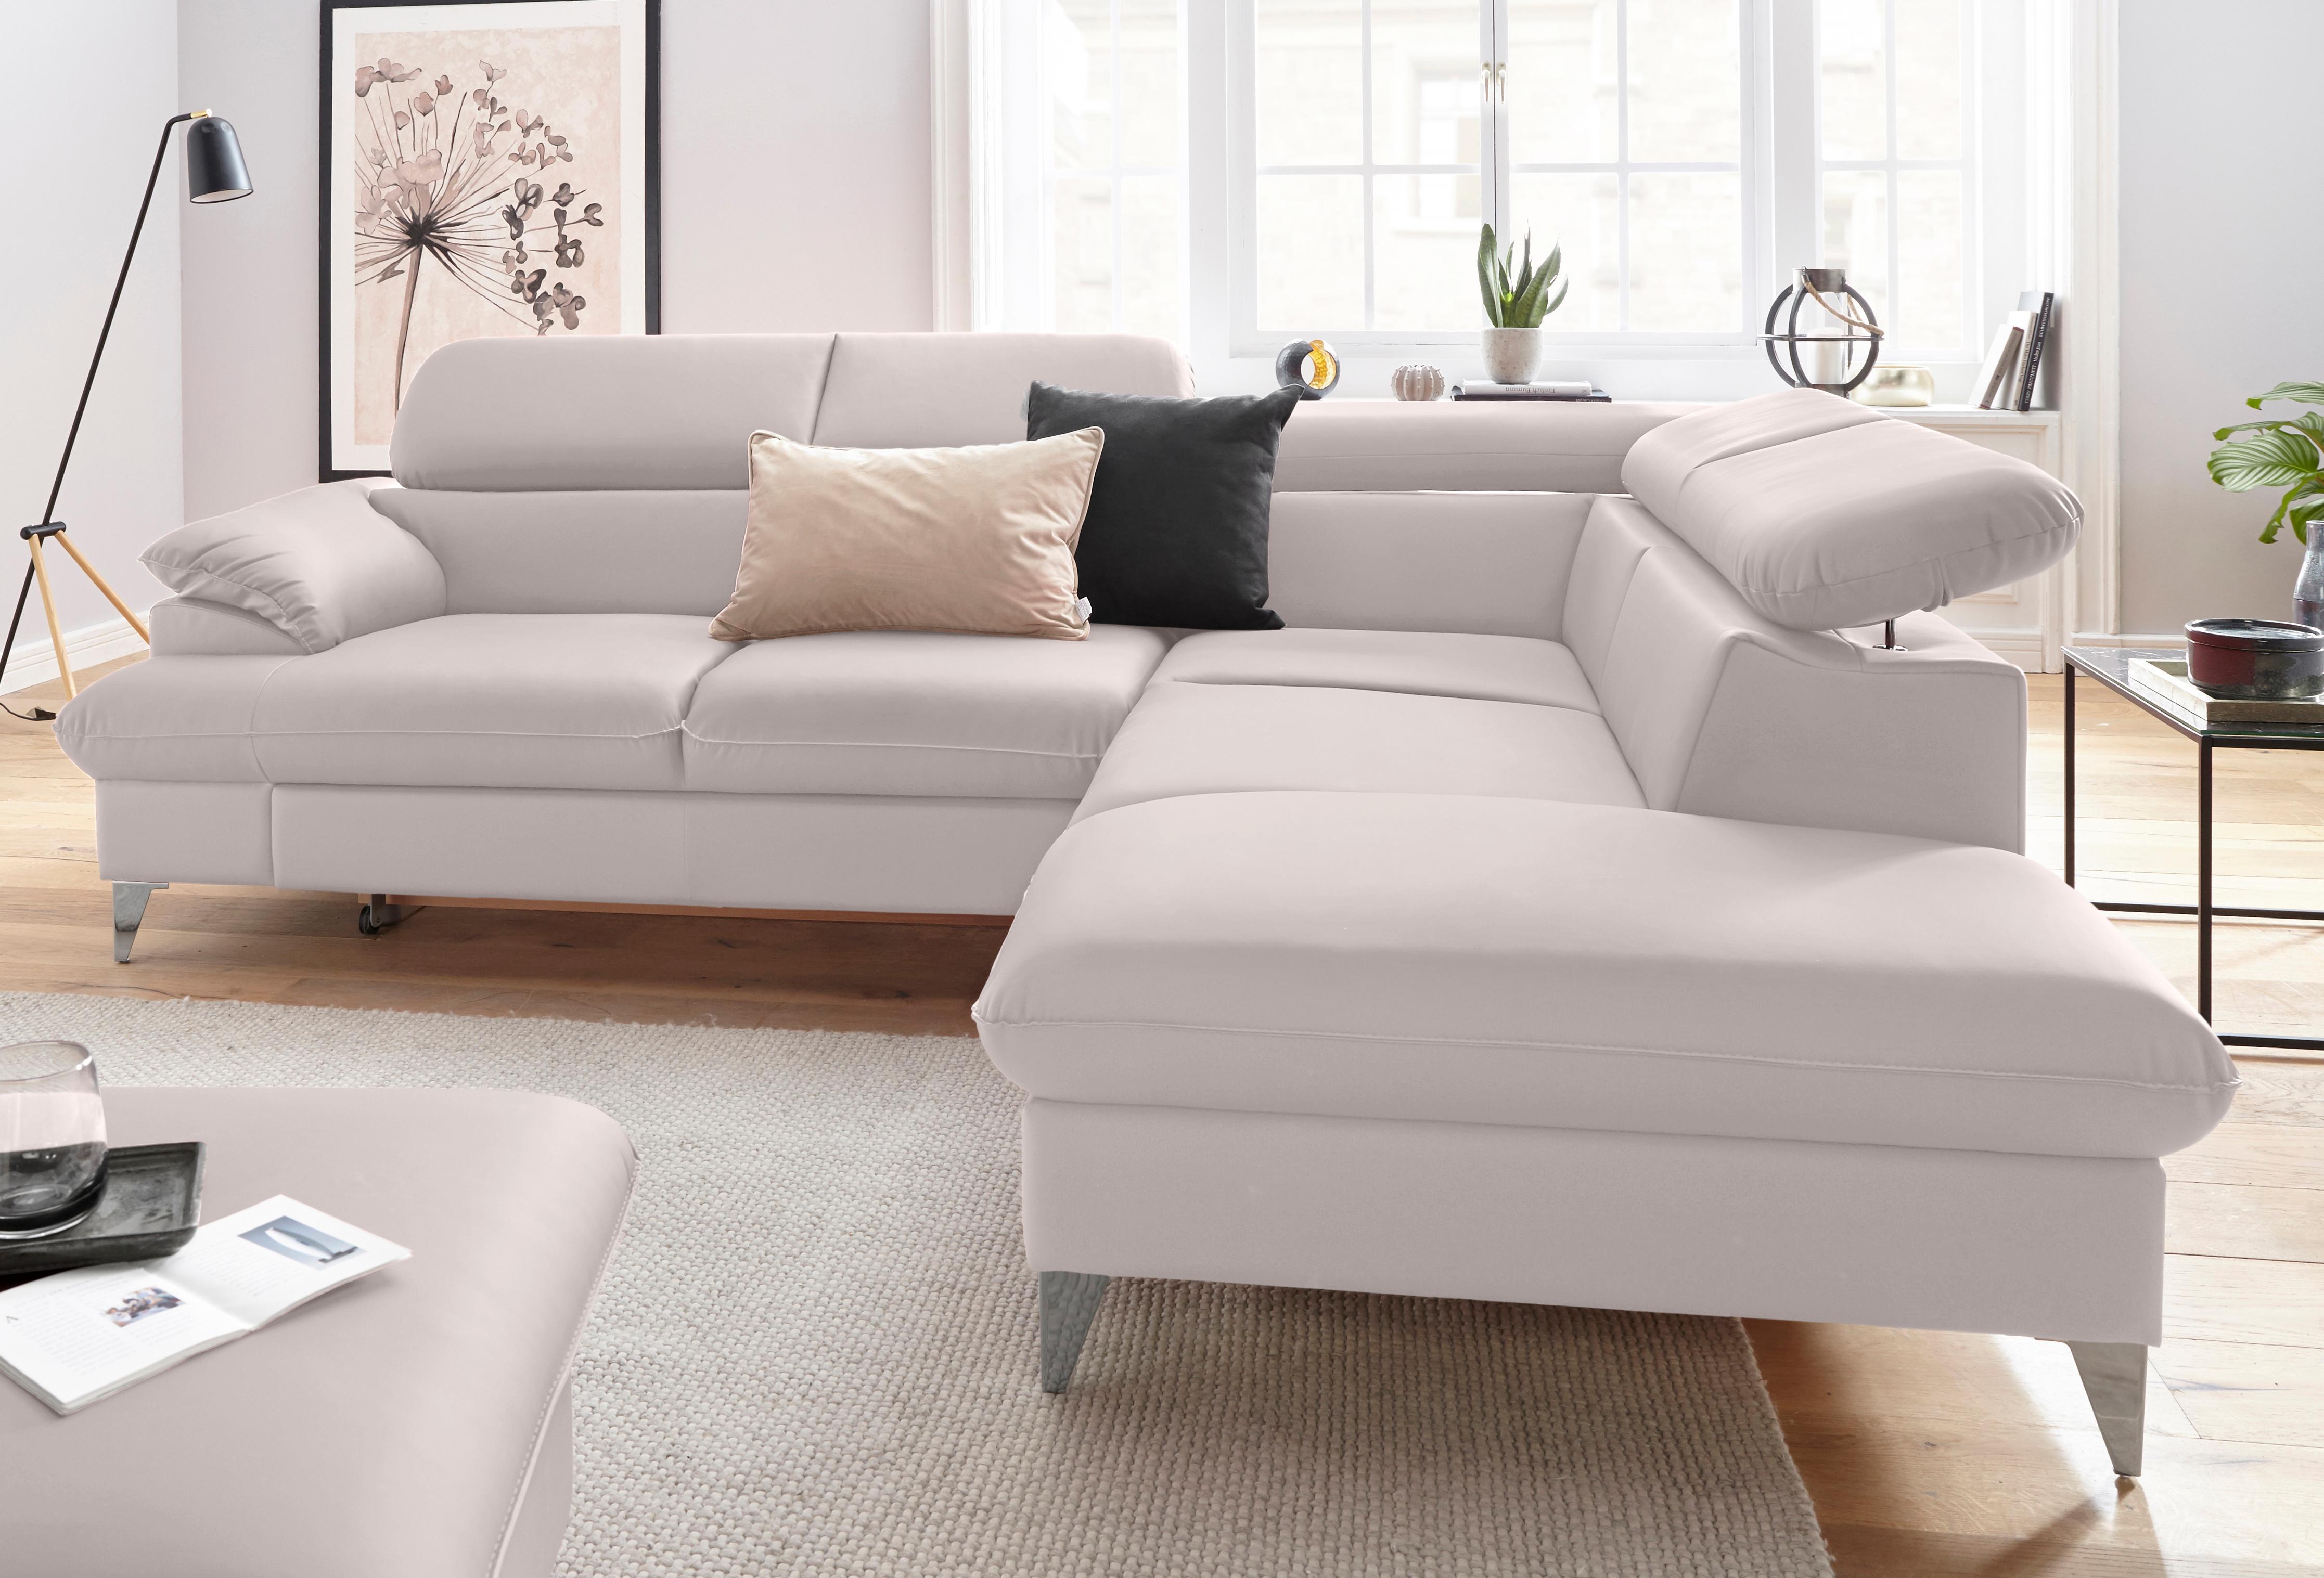 cotta ecksofa caluso auf rechnung bestellen. Black Bedroom Furniture Sets. Home Design Ideas